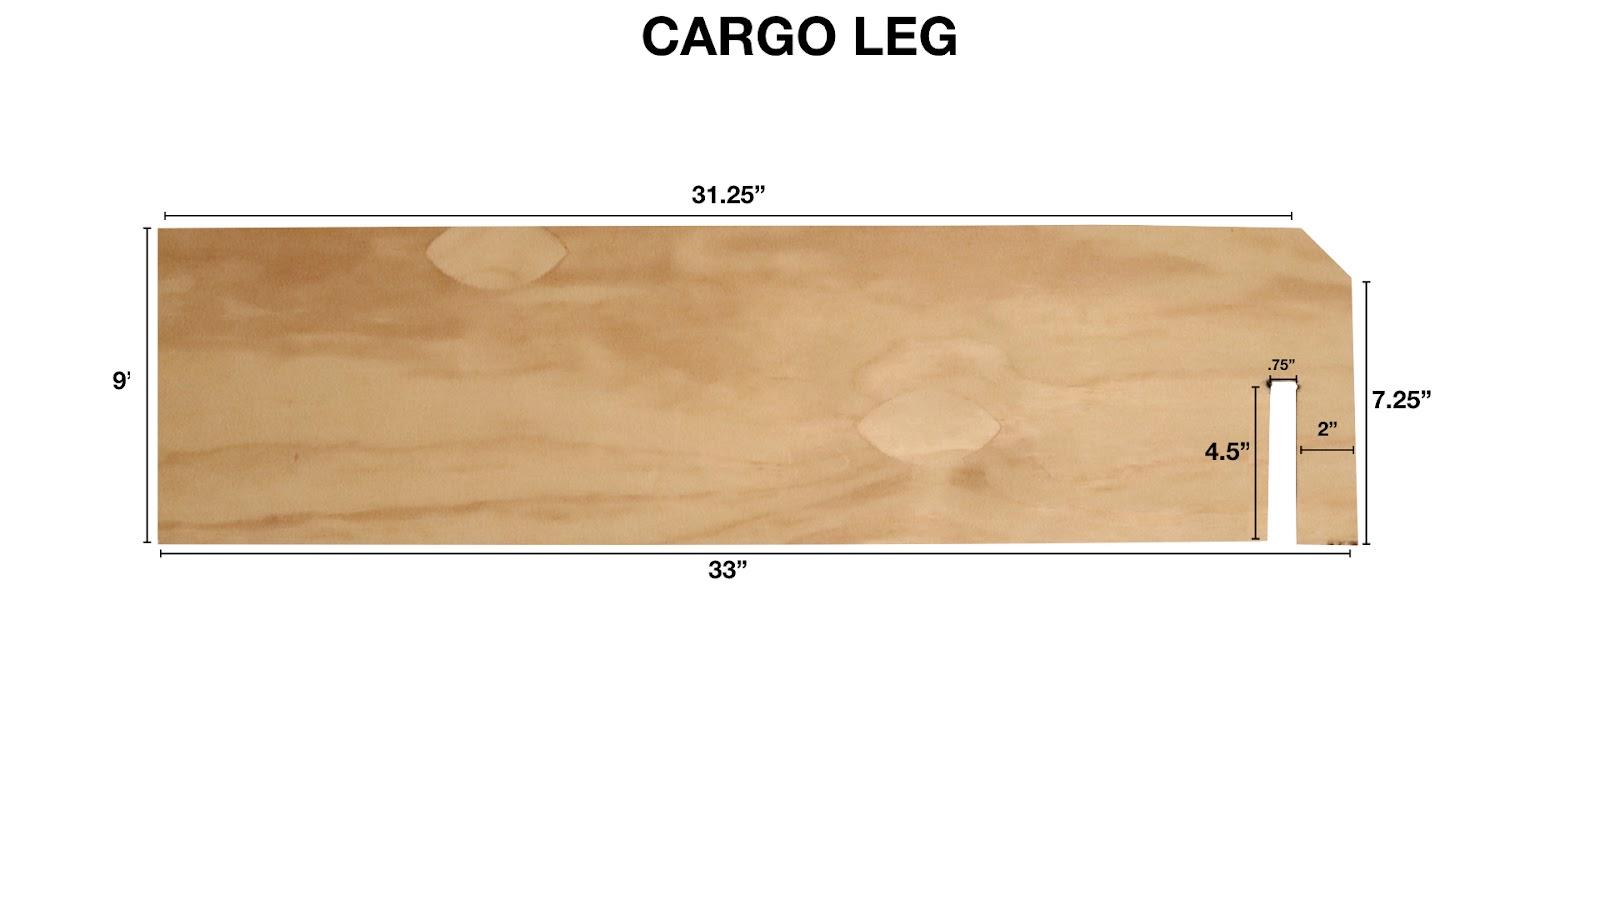 Cargo Leg 1